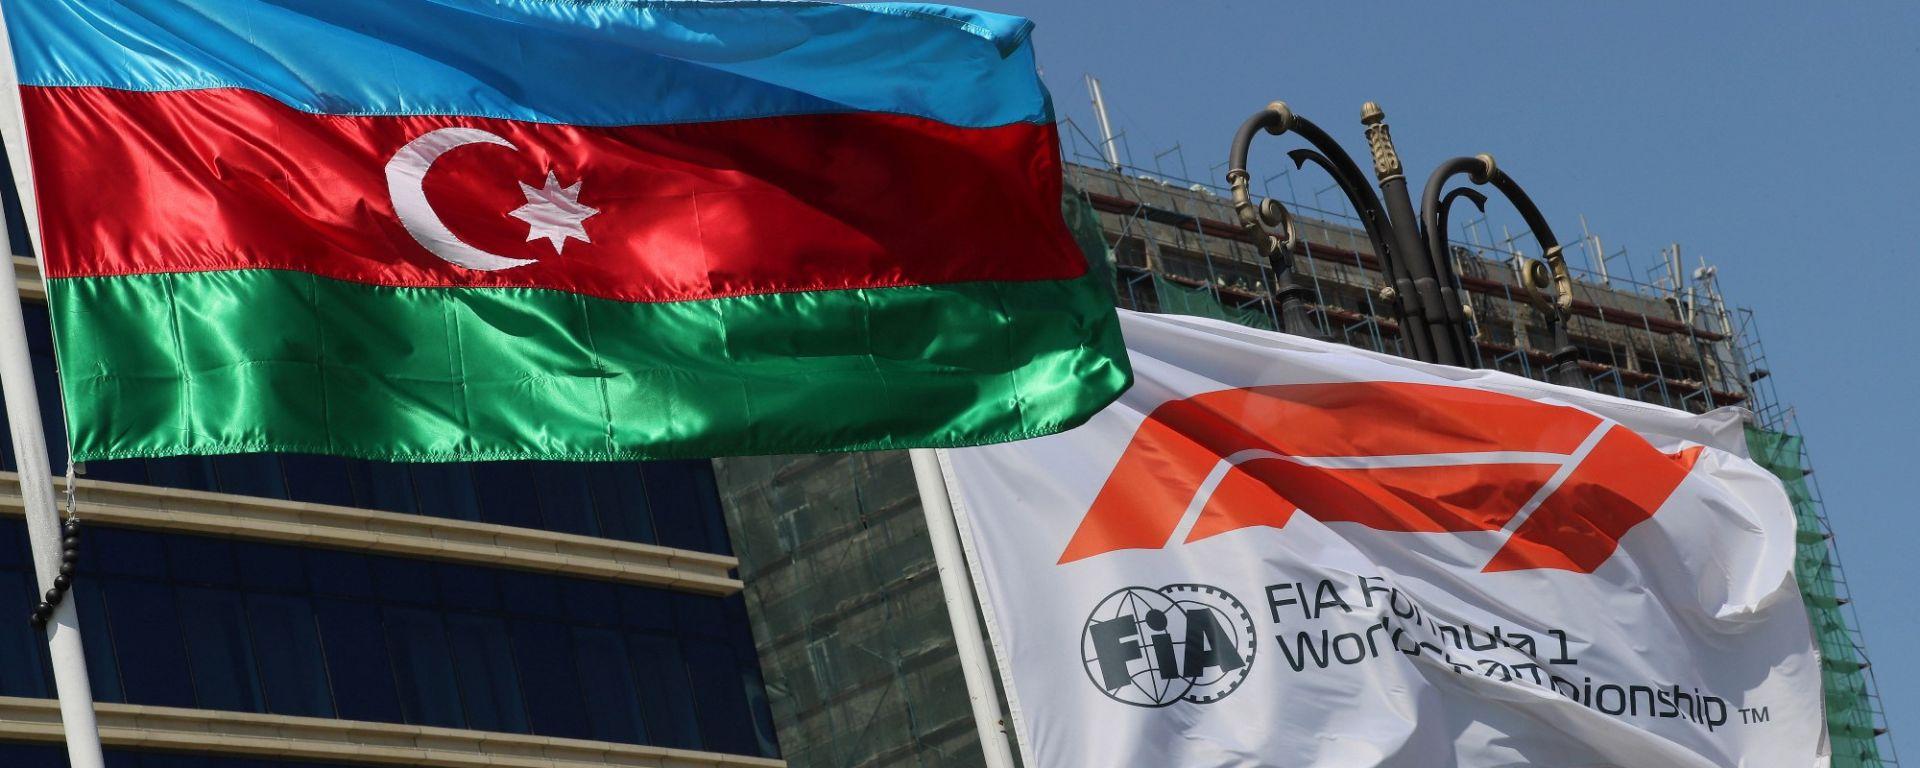 F1, GP Azerbaijan: le bandiere dell'Azerbaijan e della F1